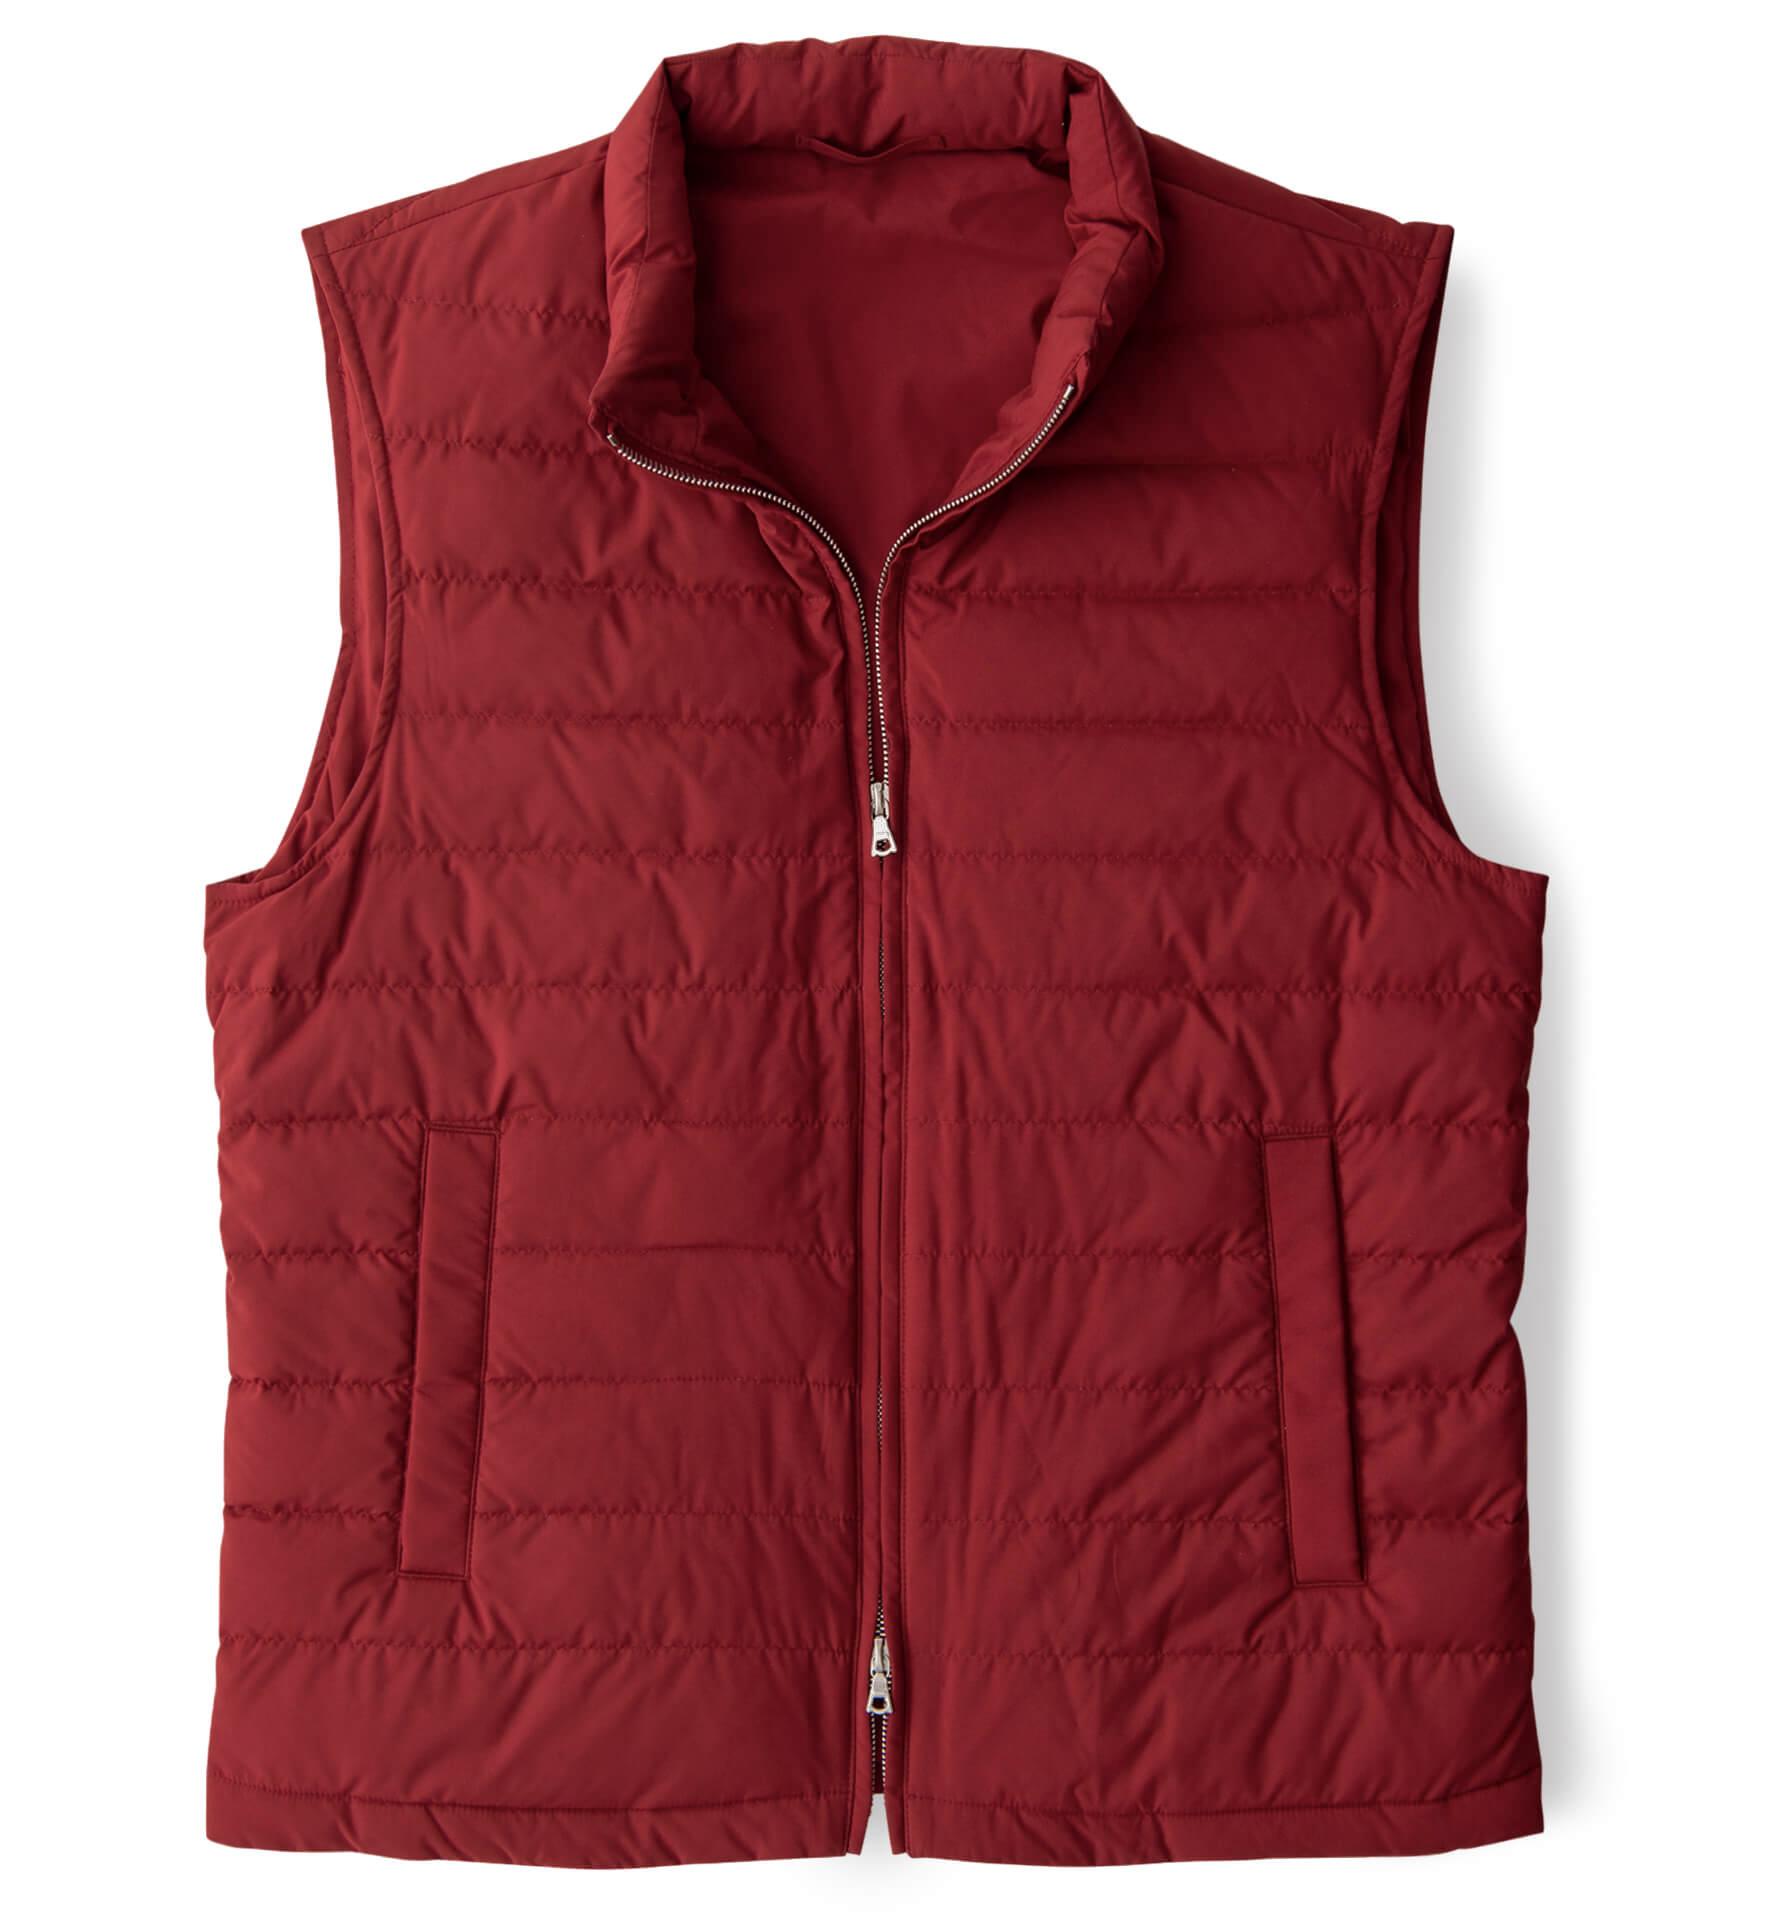 Zoom Image of Brera Red Performance Zip Vest